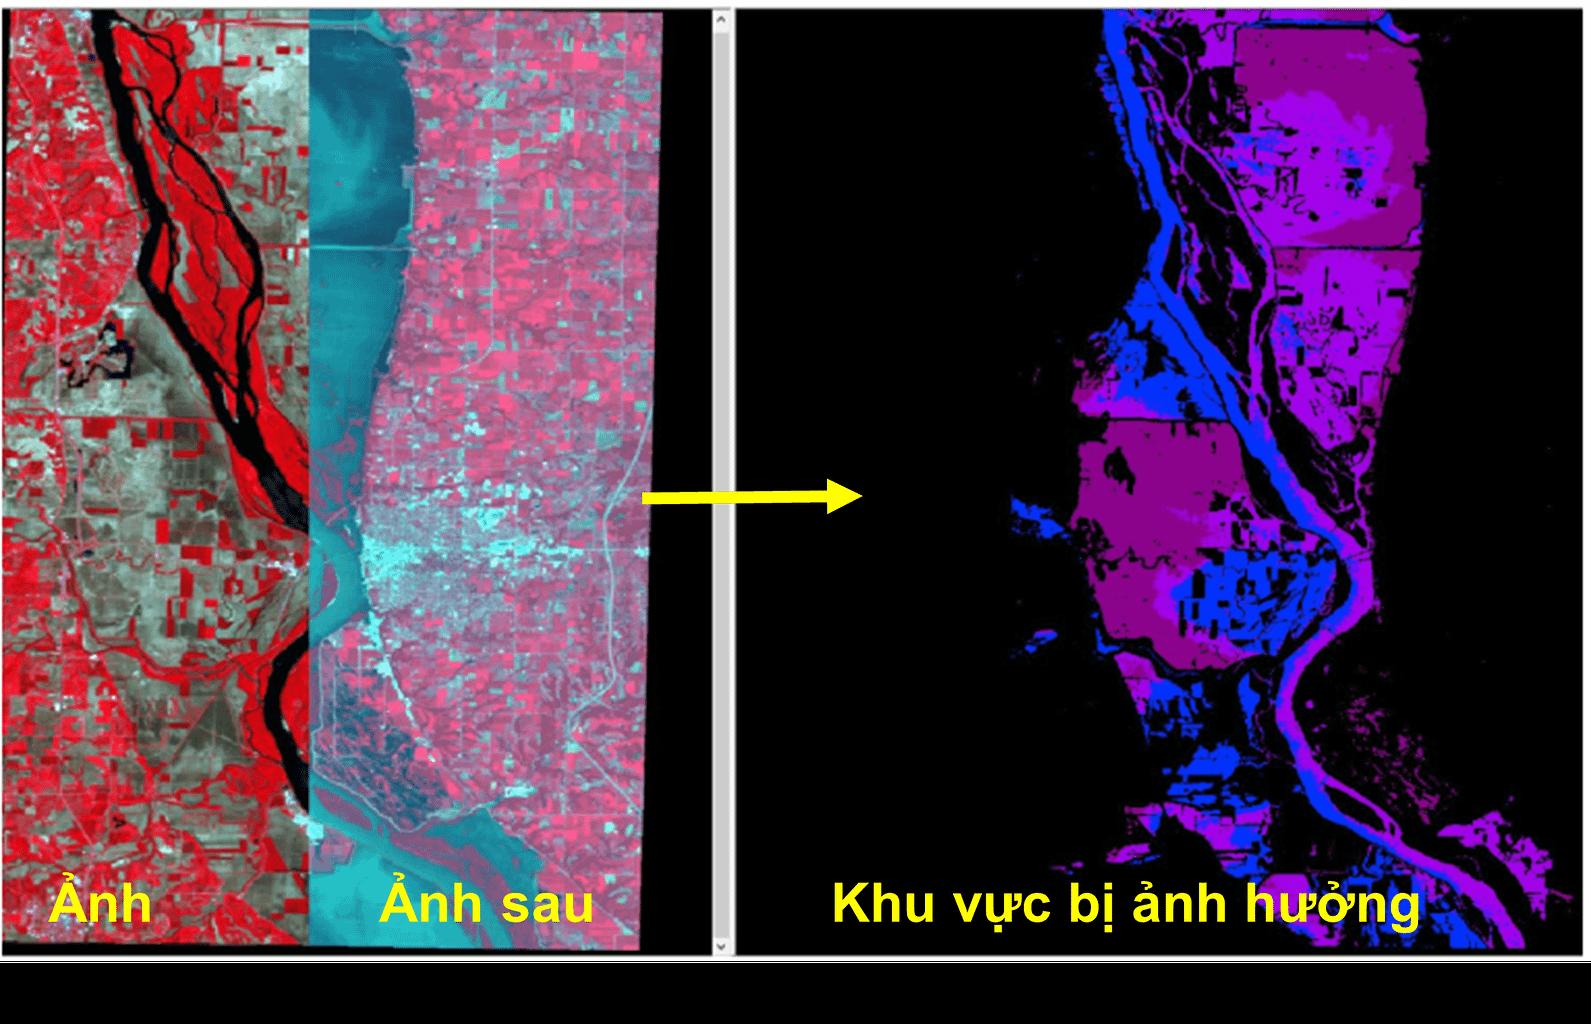 Xác định khu vực bị ảnh hưởng bởi lũ lụt sông Mississippi năm 1989, sử dụng kỹ thuật Change Detection trên phần mềm Erdas Imagine